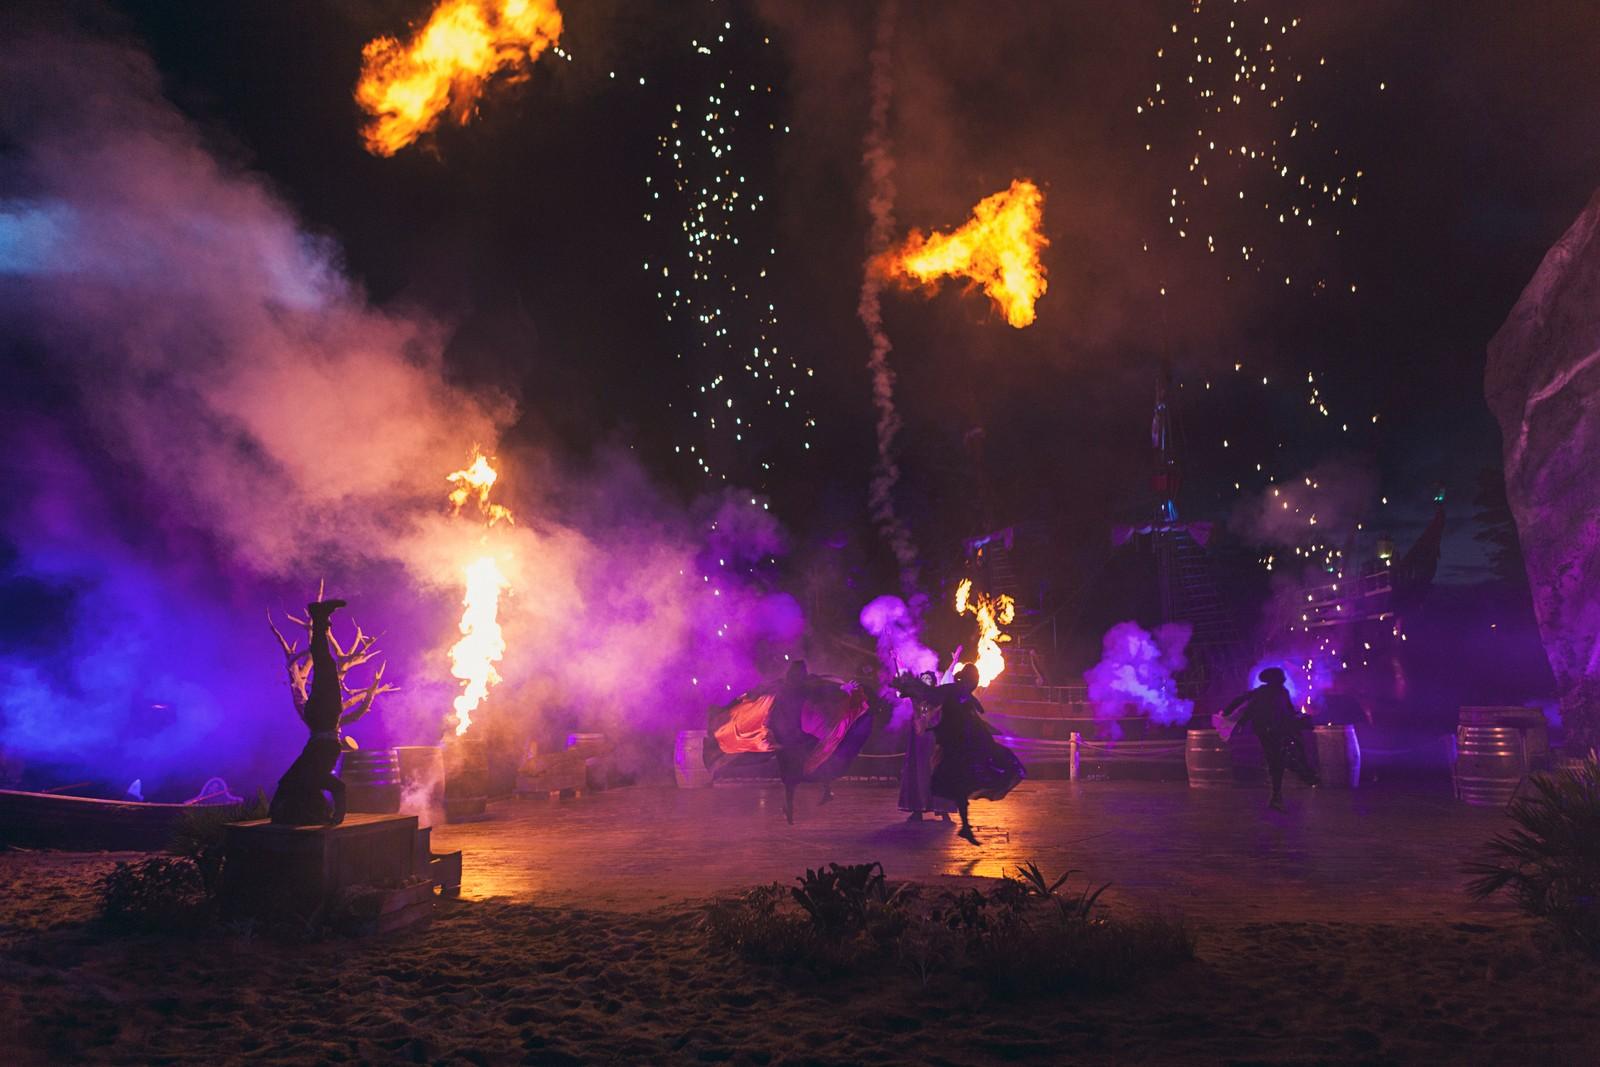 FLAMMER: Pyroteknikken lyser opp sørlandsnatten og utgjør et spennende innslag, men bør kanskje vike til fordel for skuespillerutfoldelsen, mener NRKs anmelder.